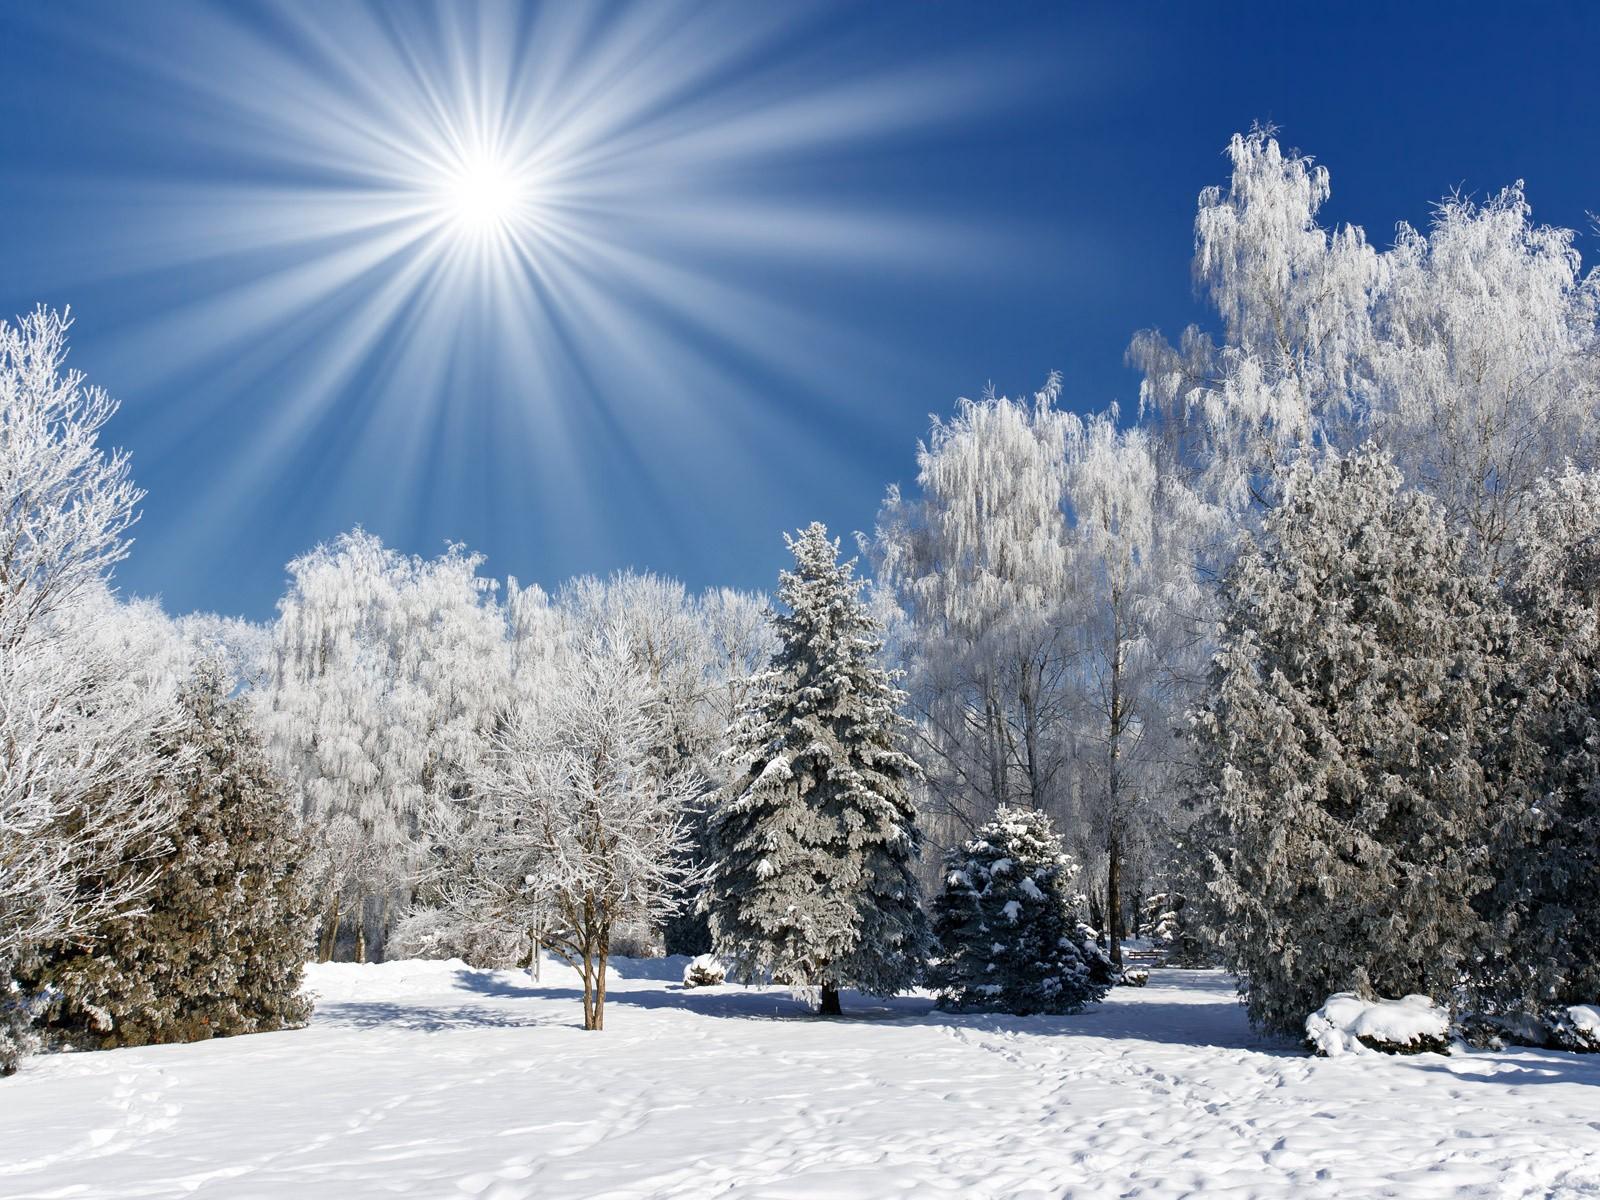 ... wallpapers/Christmas-wallpapers/Christmas-landscape-scene-winter.html